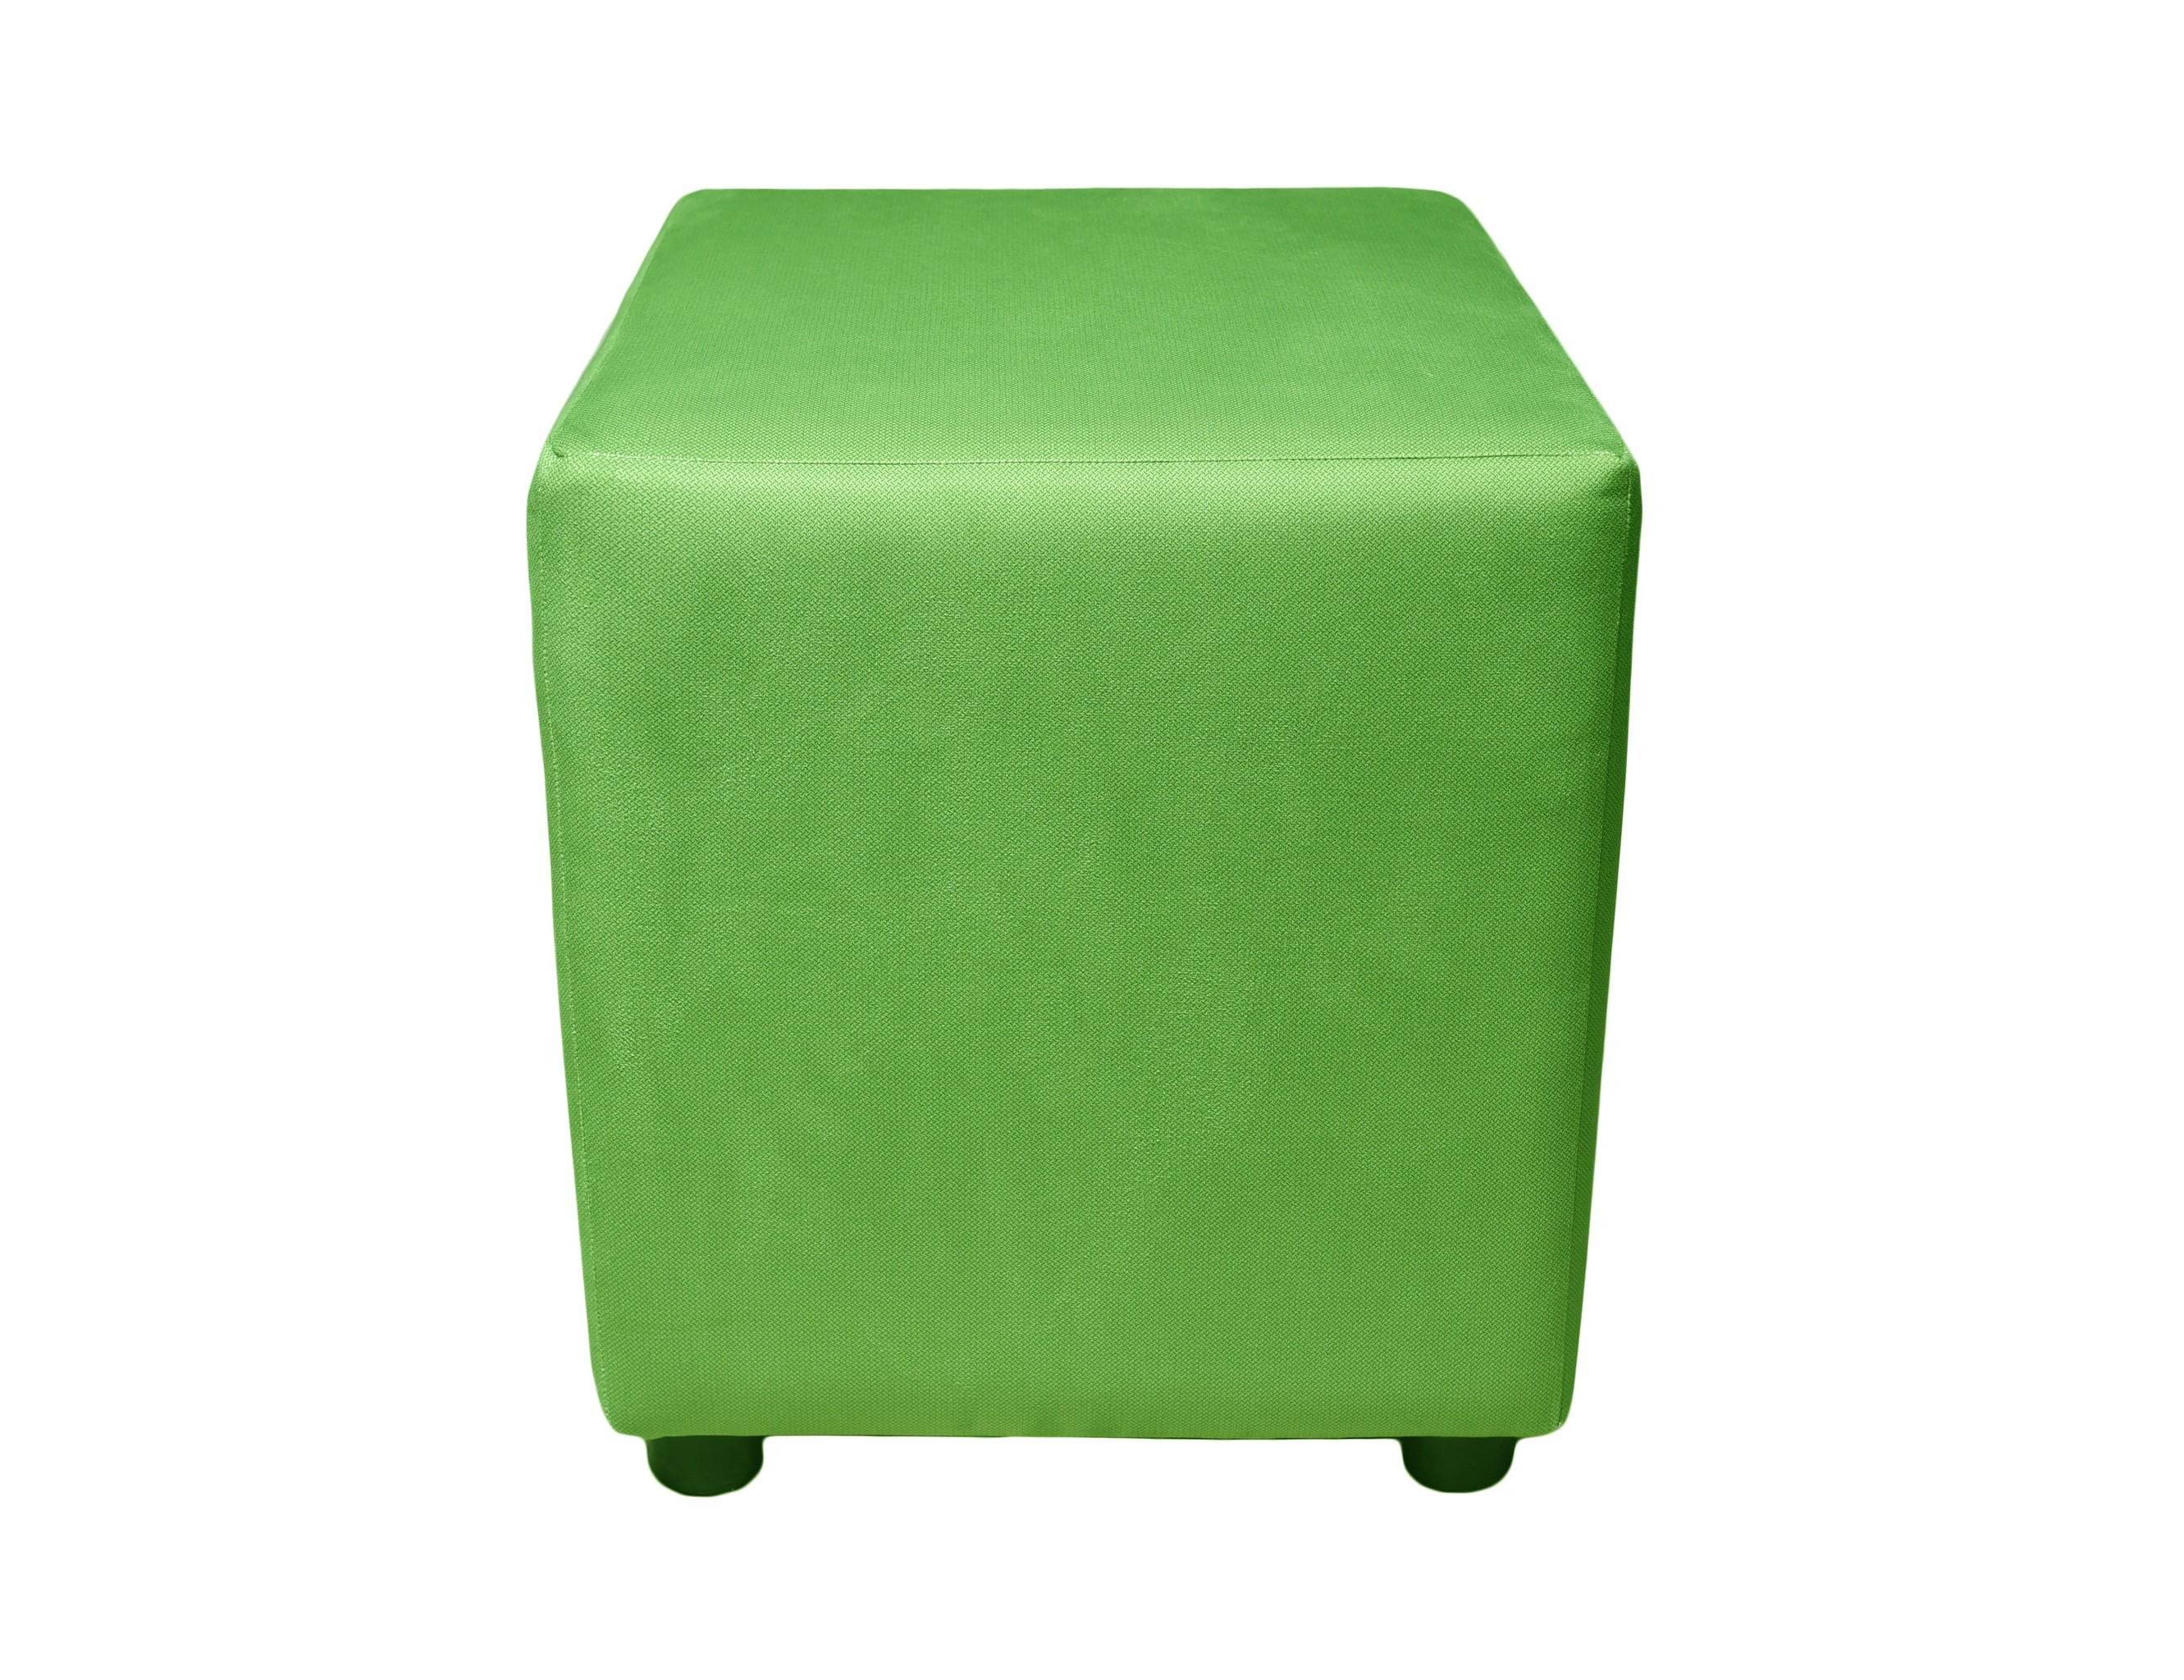 Каркасный пуфикФорменные пуфы<br>Очень устойчивый пуф на деревянной основе станет незаменимым предметом декора или функциональной мебелью в вашем доме. А эксклюзивные ткани добавят изюминку в ваше пространство.<br><br>Material: Текстиль<br>Length см: None<br>Width см: 40<br>Depth см: 40<br>Height см: 45